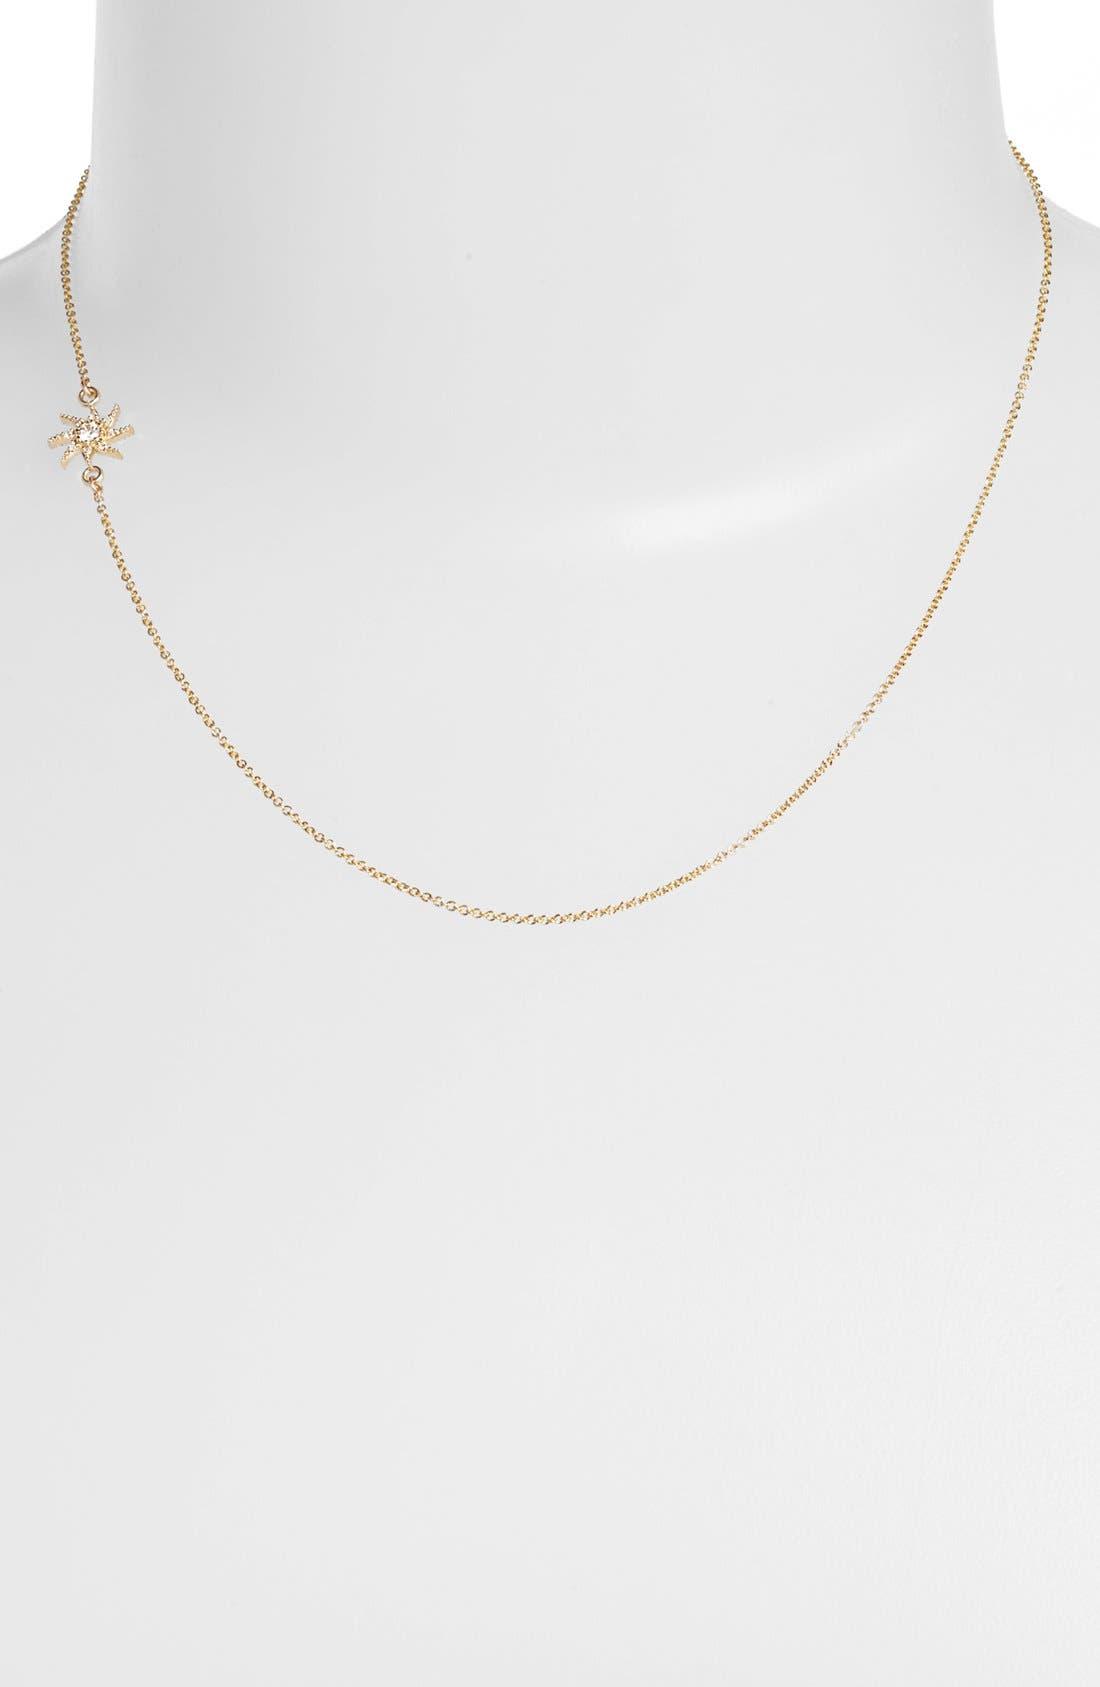 Main Image - Mizuki 'Wings of Desire' Diamond Sun Station Necklace